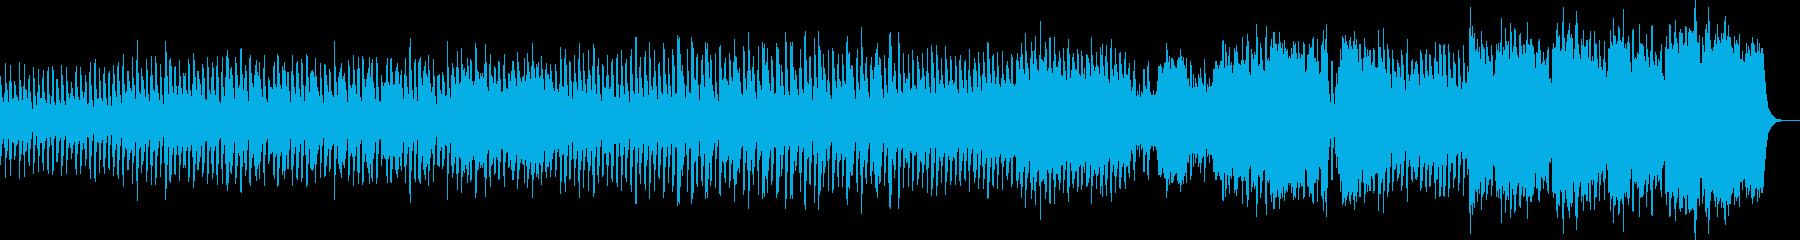 ワルツでしっとり系の不気味・ホラーの曲の再生済みの波形